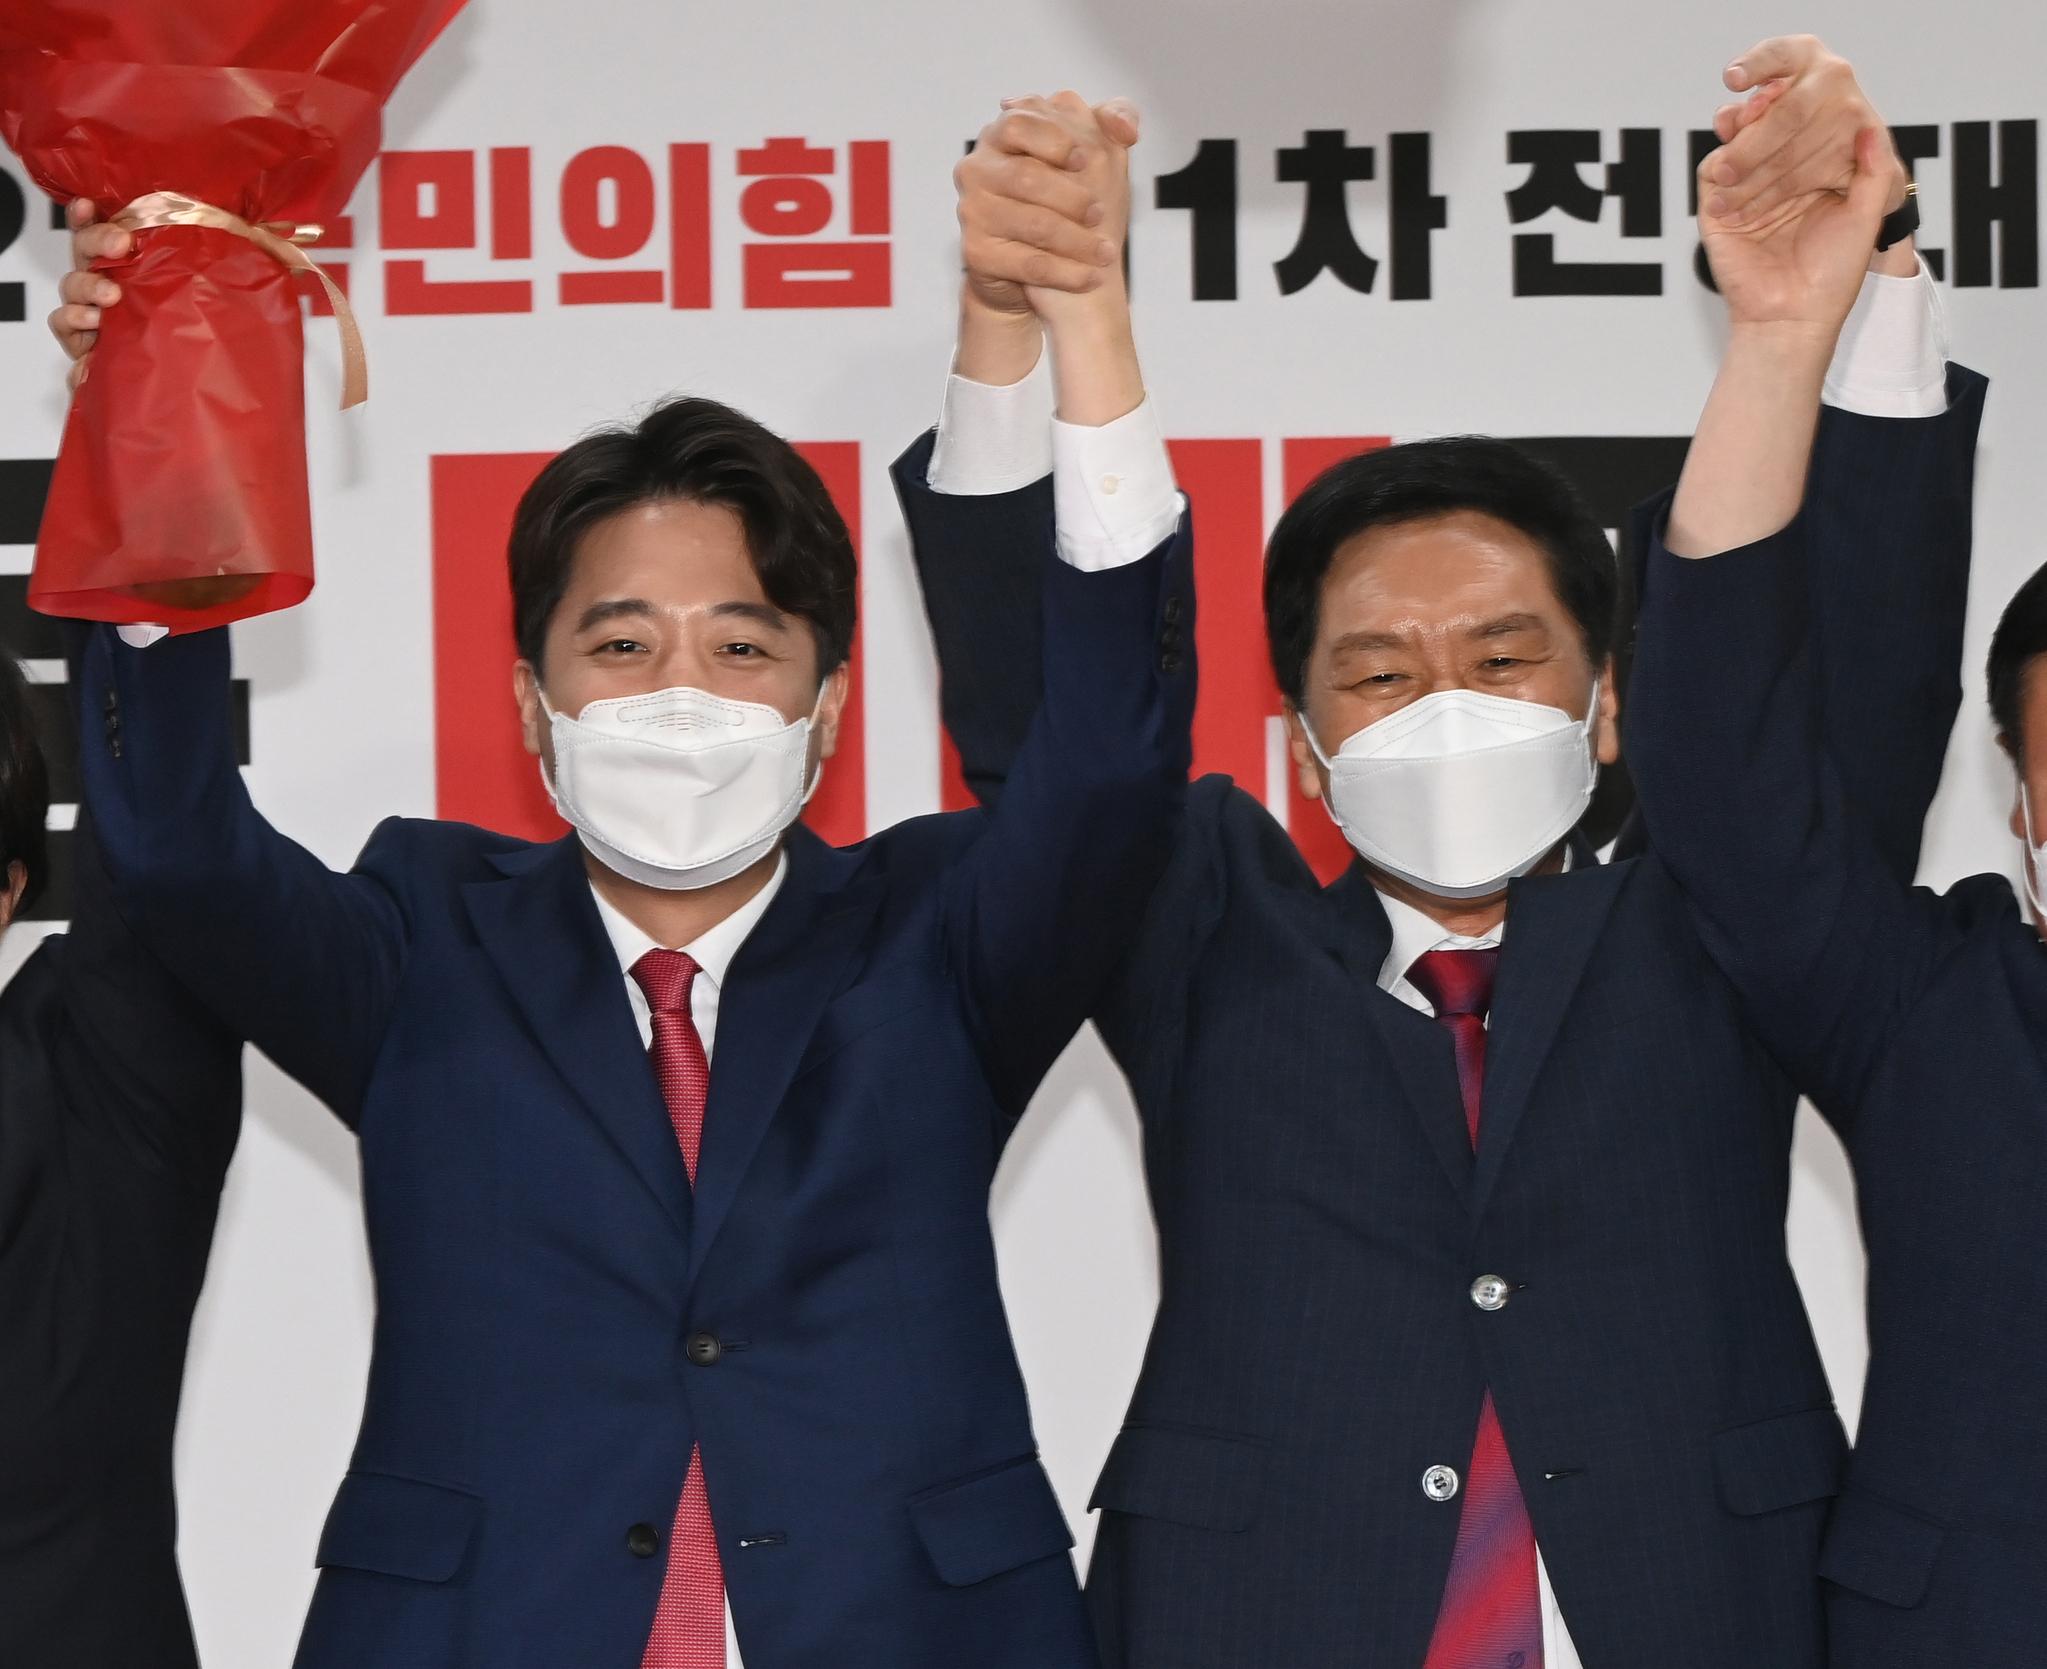 이준석 국민의힘 대표 당선자(왼쪽)가 11일 오전 서울 영등포구 국민의힘 당사에서 열린 전당대회에서 당선자 지명 후 인사하고 있다. 오종택 기자